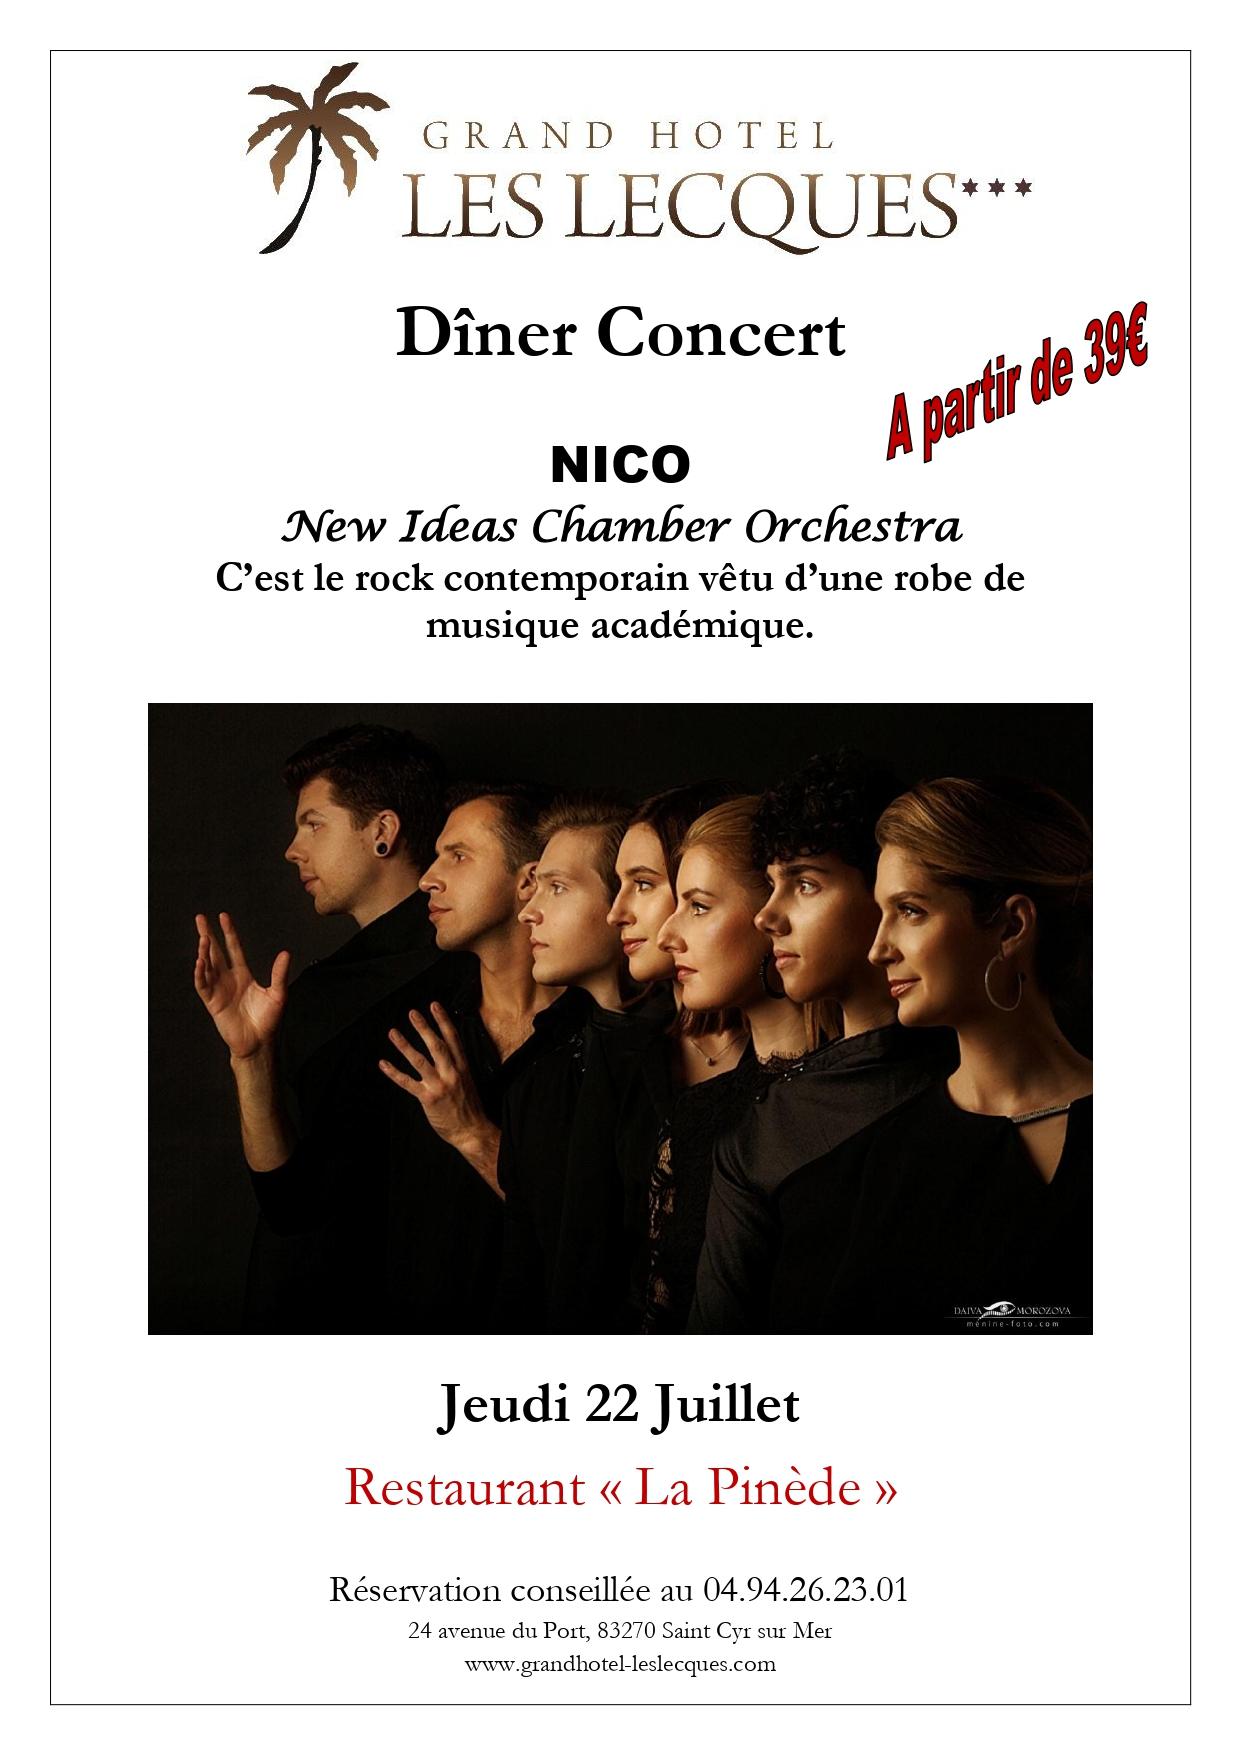 Diner Concert Jeudi 22 Juillet